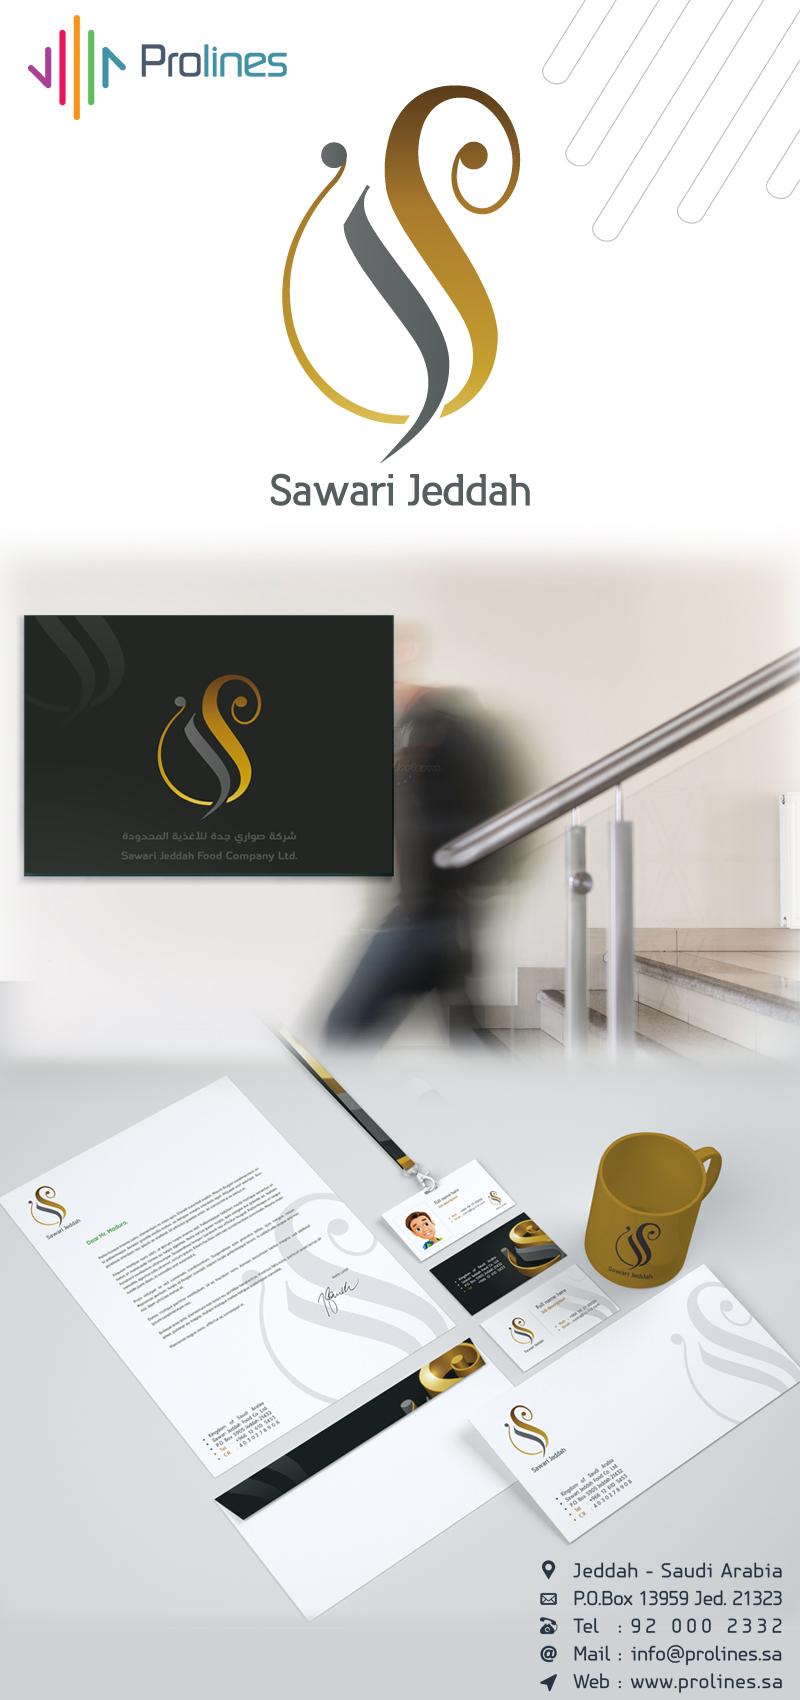 sawari-jeddah-food-brand-saudi-arabia